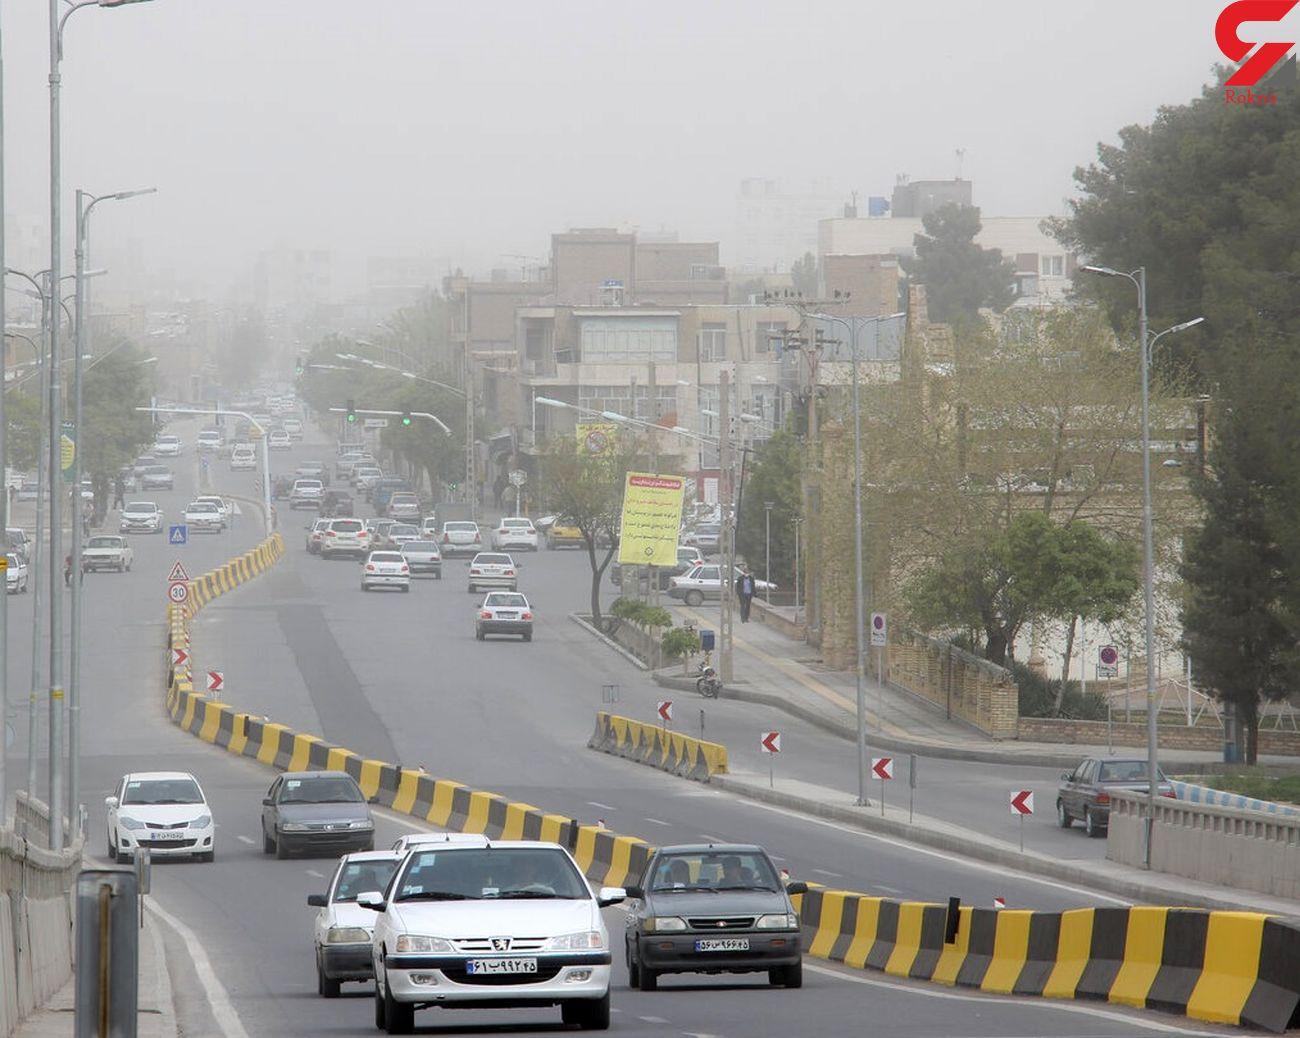 اصفهان در محاصره ریزگردها / مردم در خانه بمانند